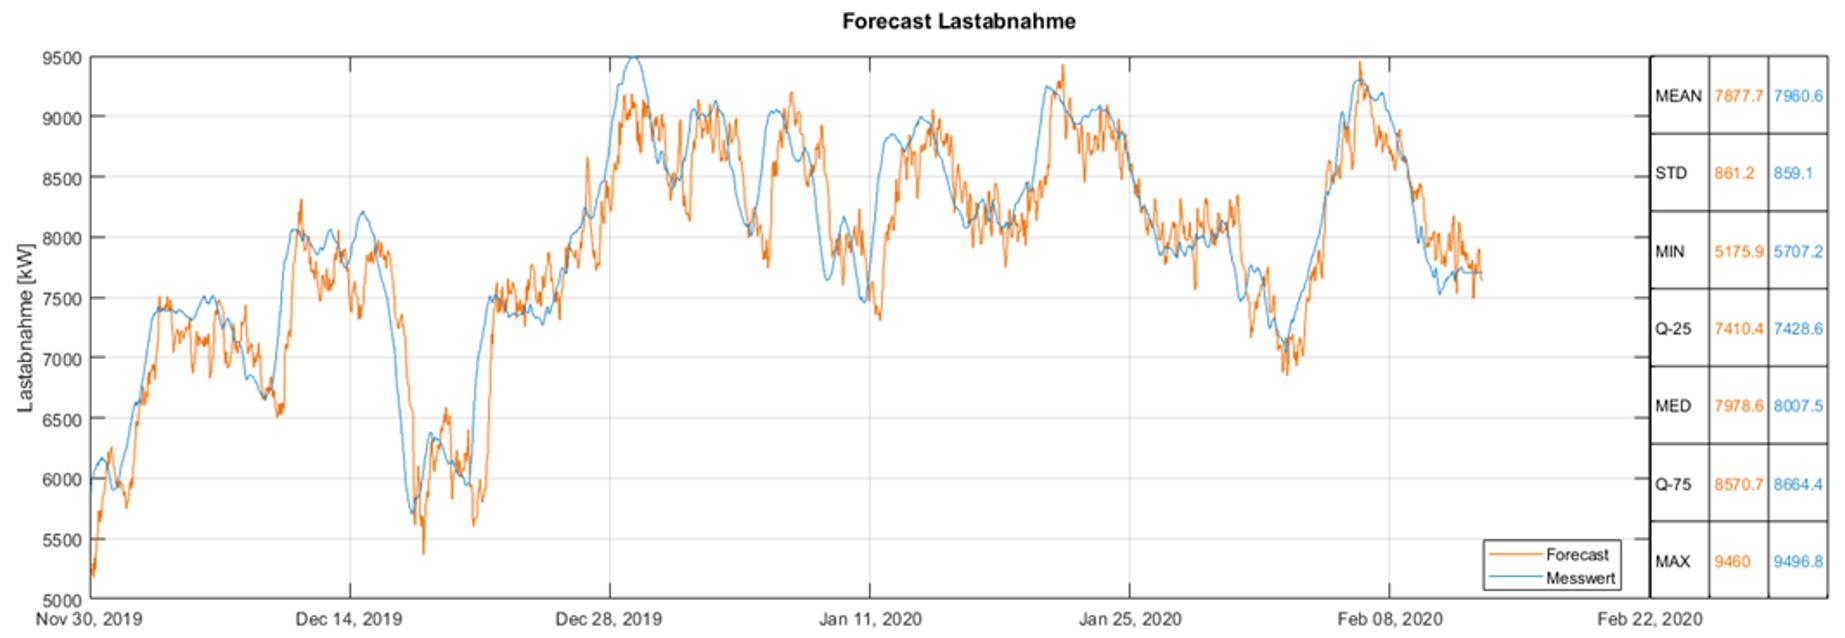 Forecasts Energienachfrage eines Fernwärmenetzes, längerer Zeitraum